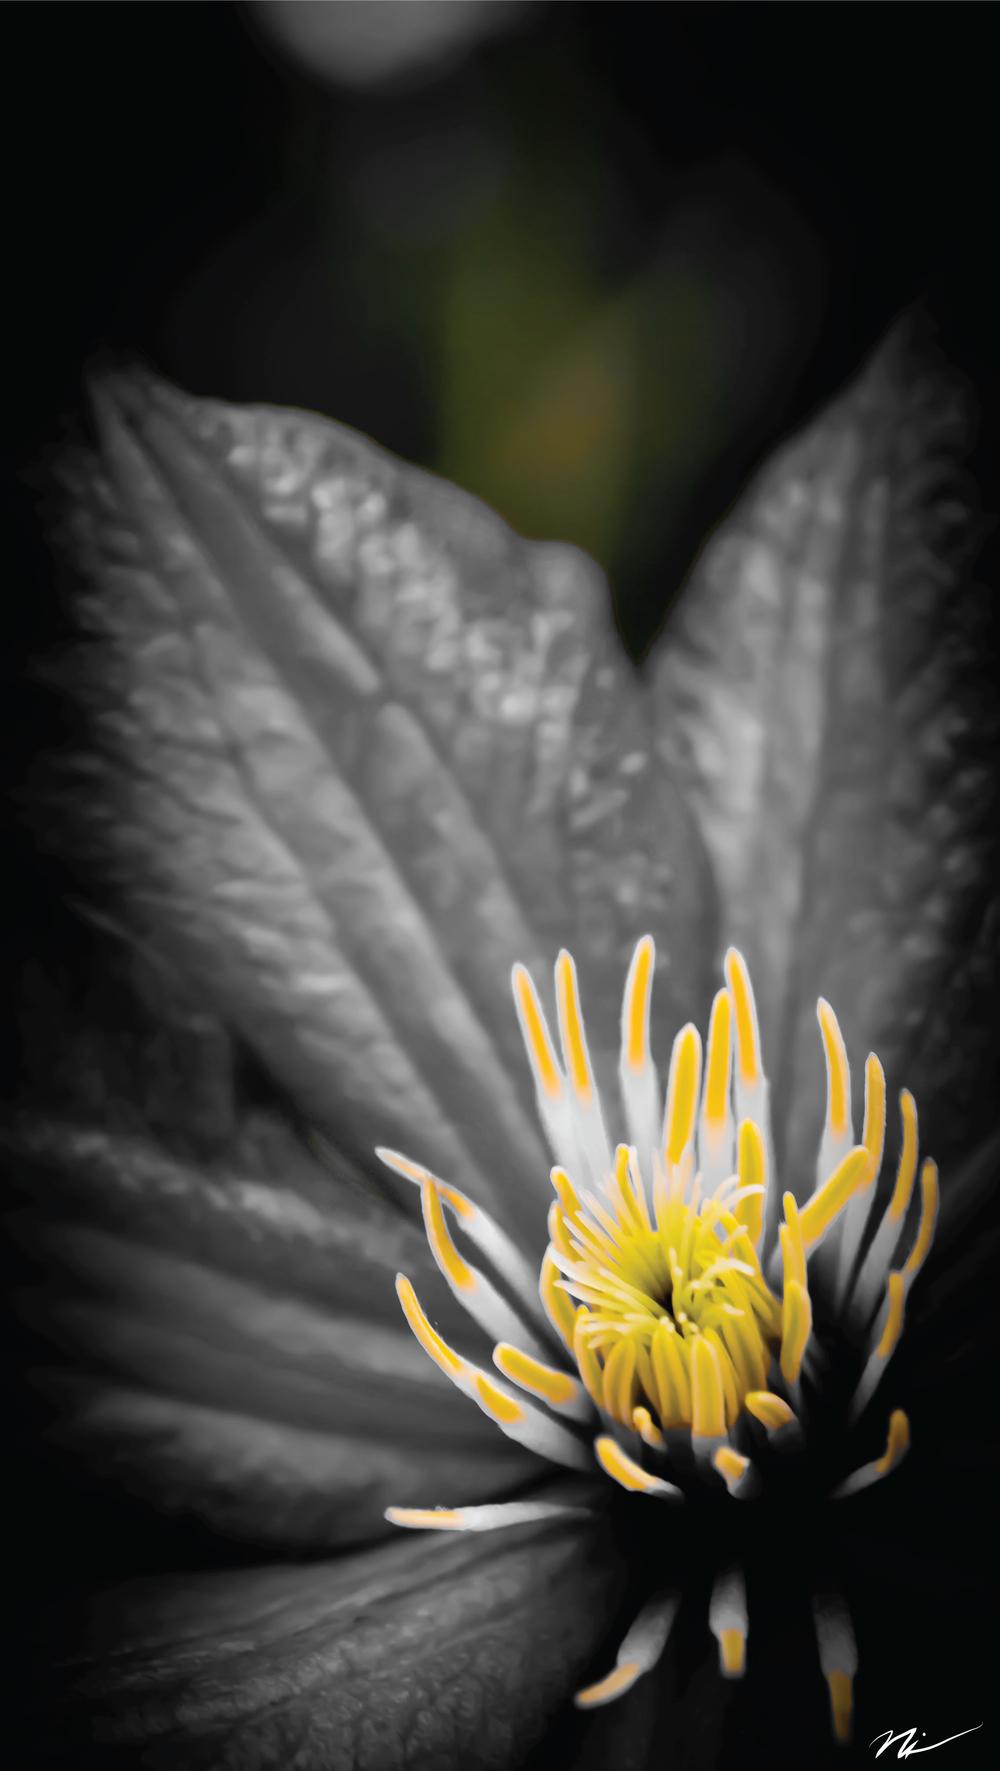 Clematis-Flower.jpg